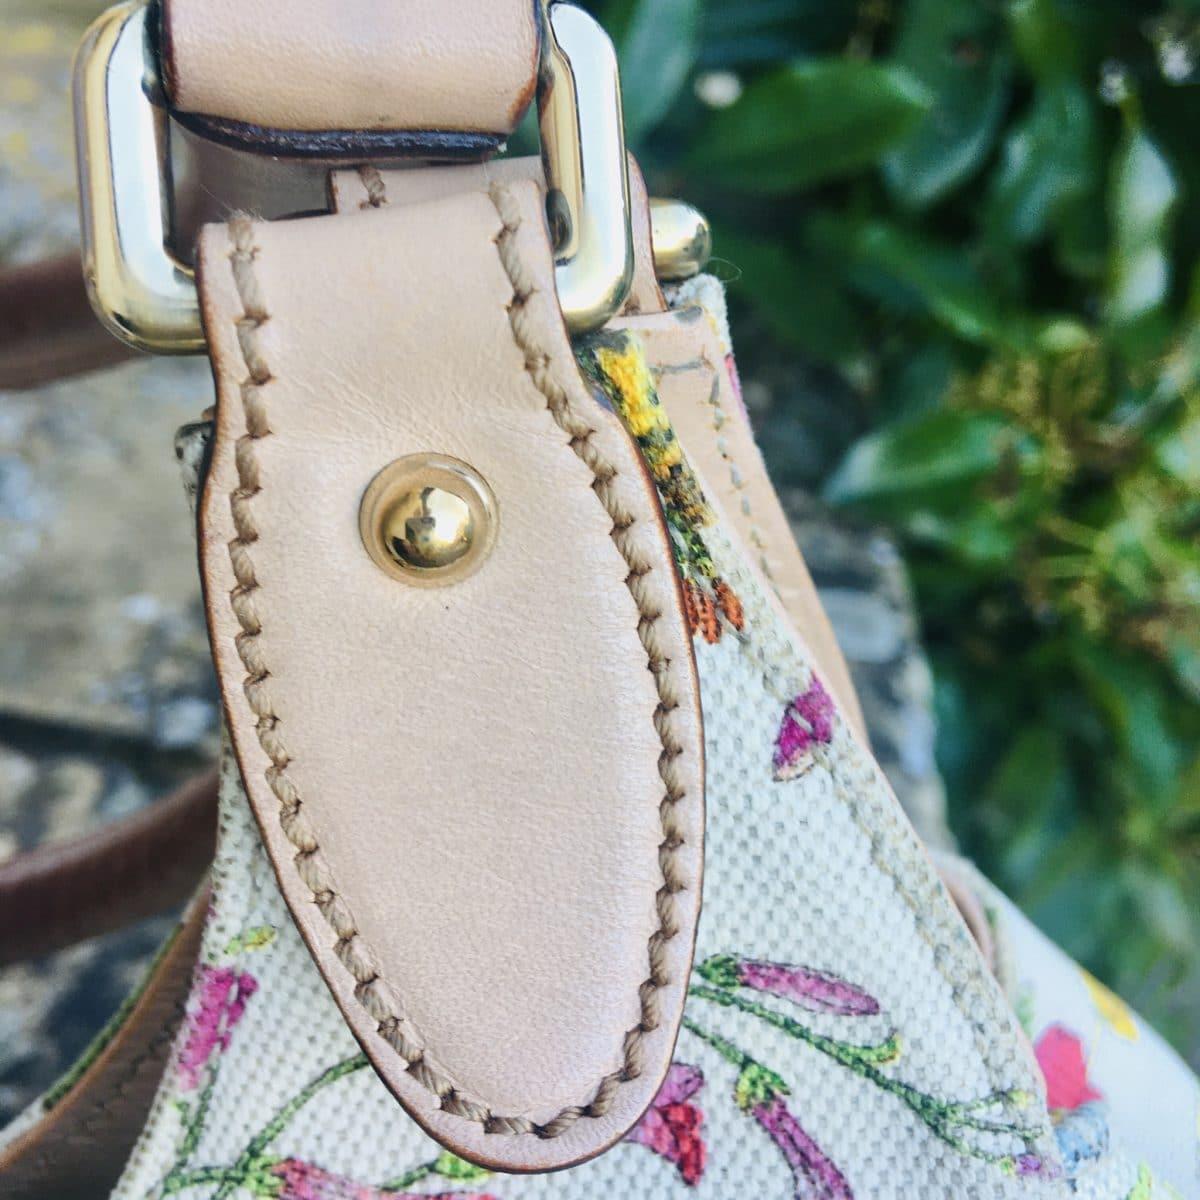 Sac Gucci Jacky O floral toile multicolore, occasion authentique IconPrincess